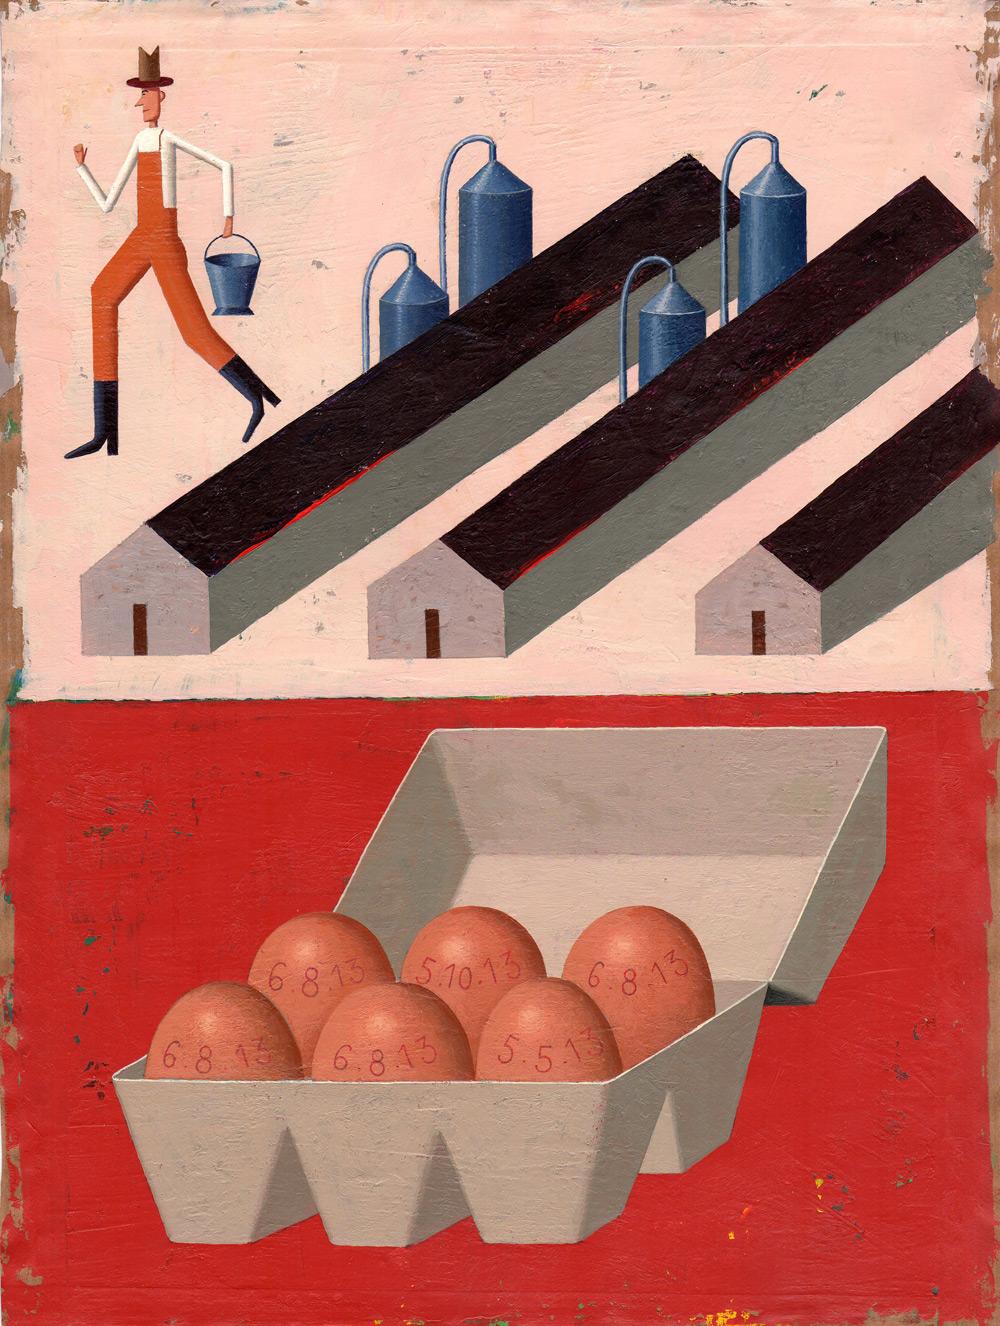 L'art de faire pondre les poules | Martin Jarrie | L'art de faire pondre les poules